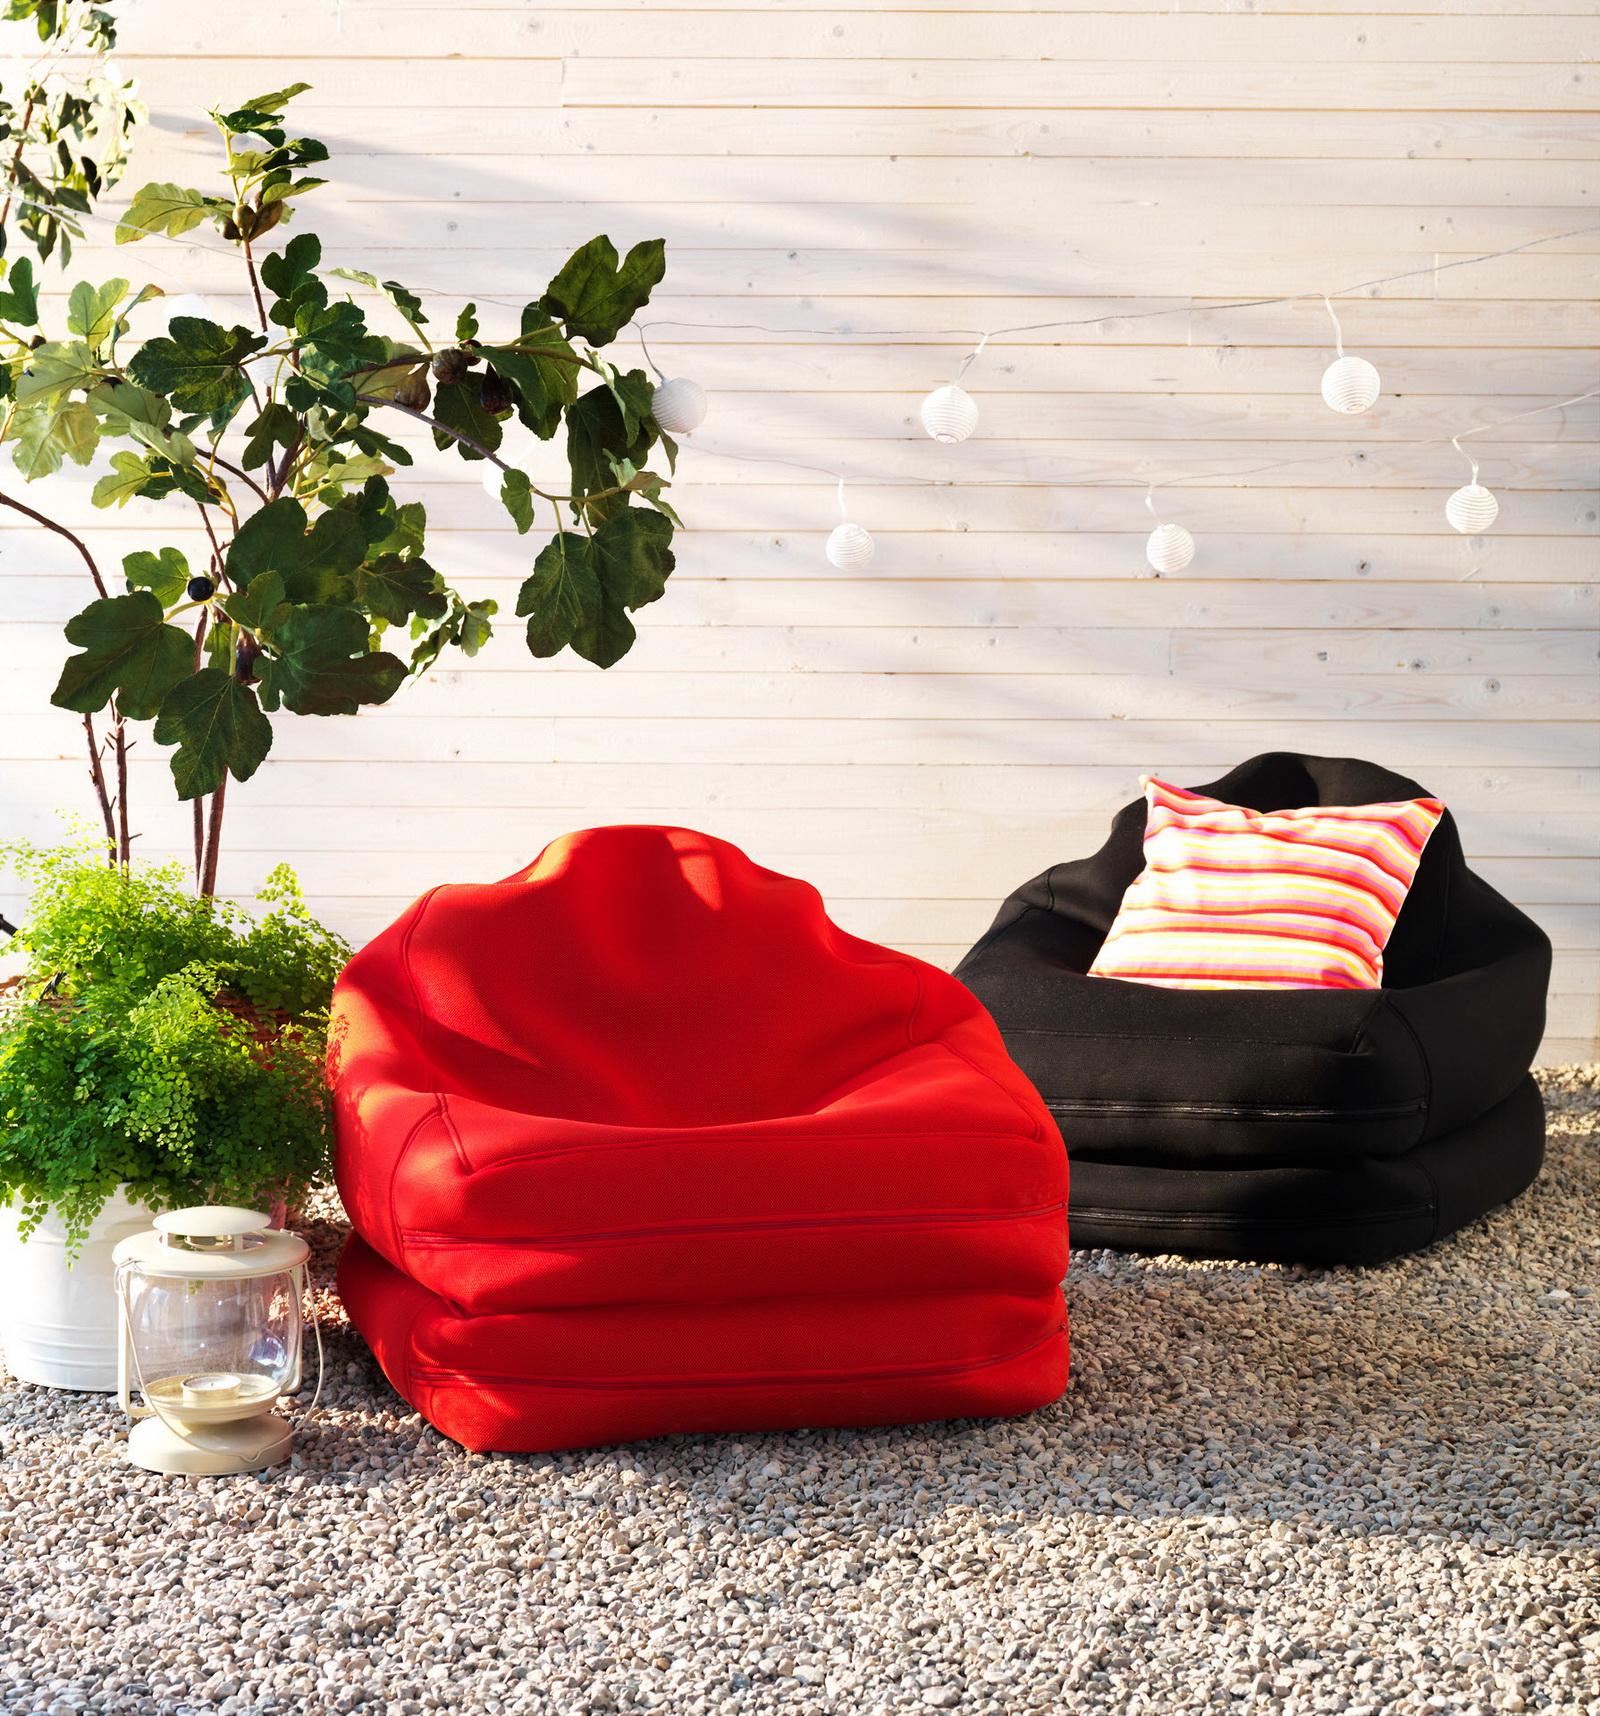 ikea katal gus 2015 az let otthon x manz rd caf. Black Bedroom Furniture Sets. Home Design Ideas